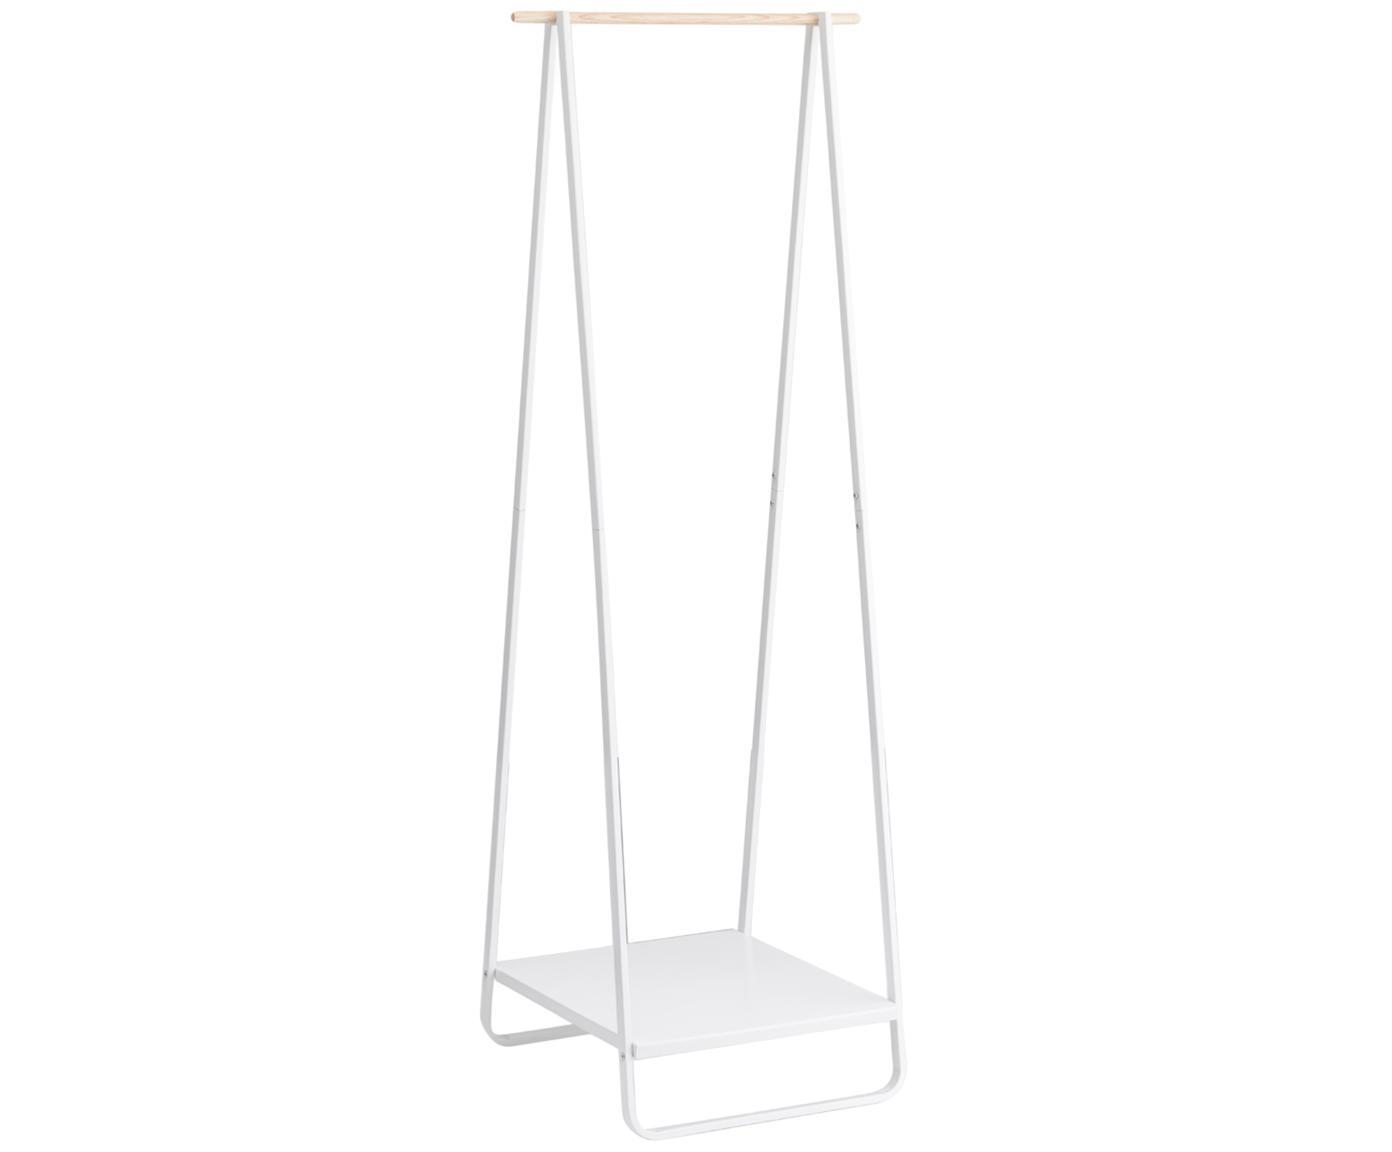 Metalen kledingstang Tower, Frame: gepoedercoat metaal, Wit, houtkleurig, 52 x 140 cm